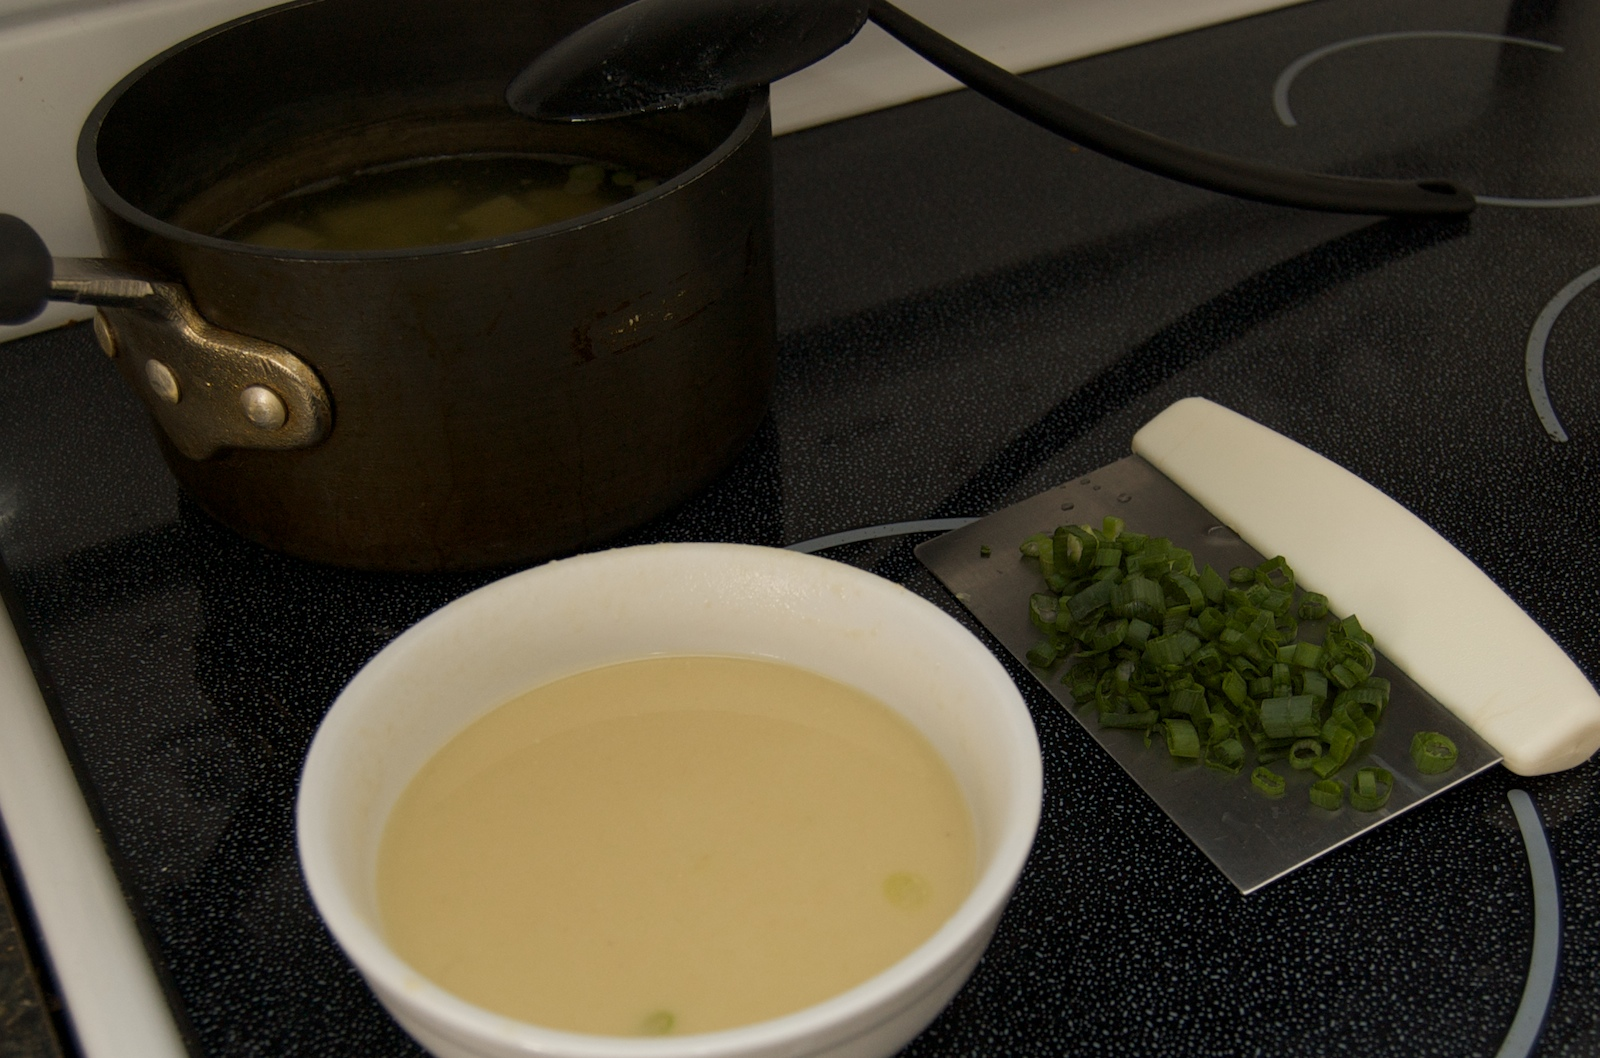 http://blog.rickk.com/food/2010/01/06/DSC_0004.jpg